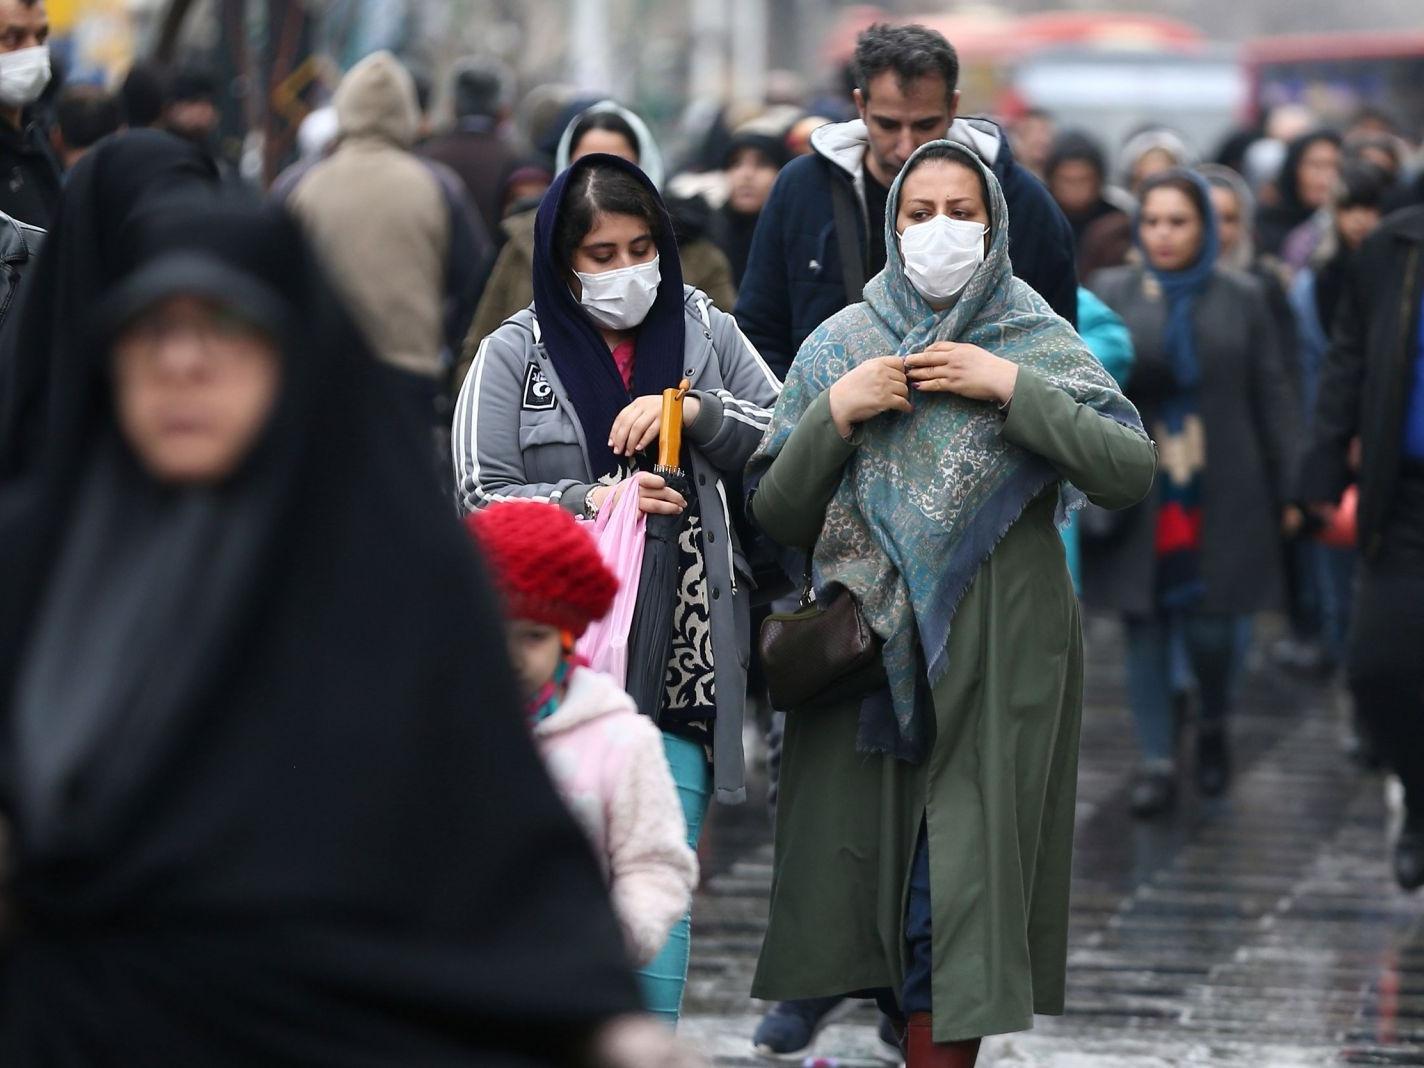 新冠病毒传播是对伊朗经济的又一次打击